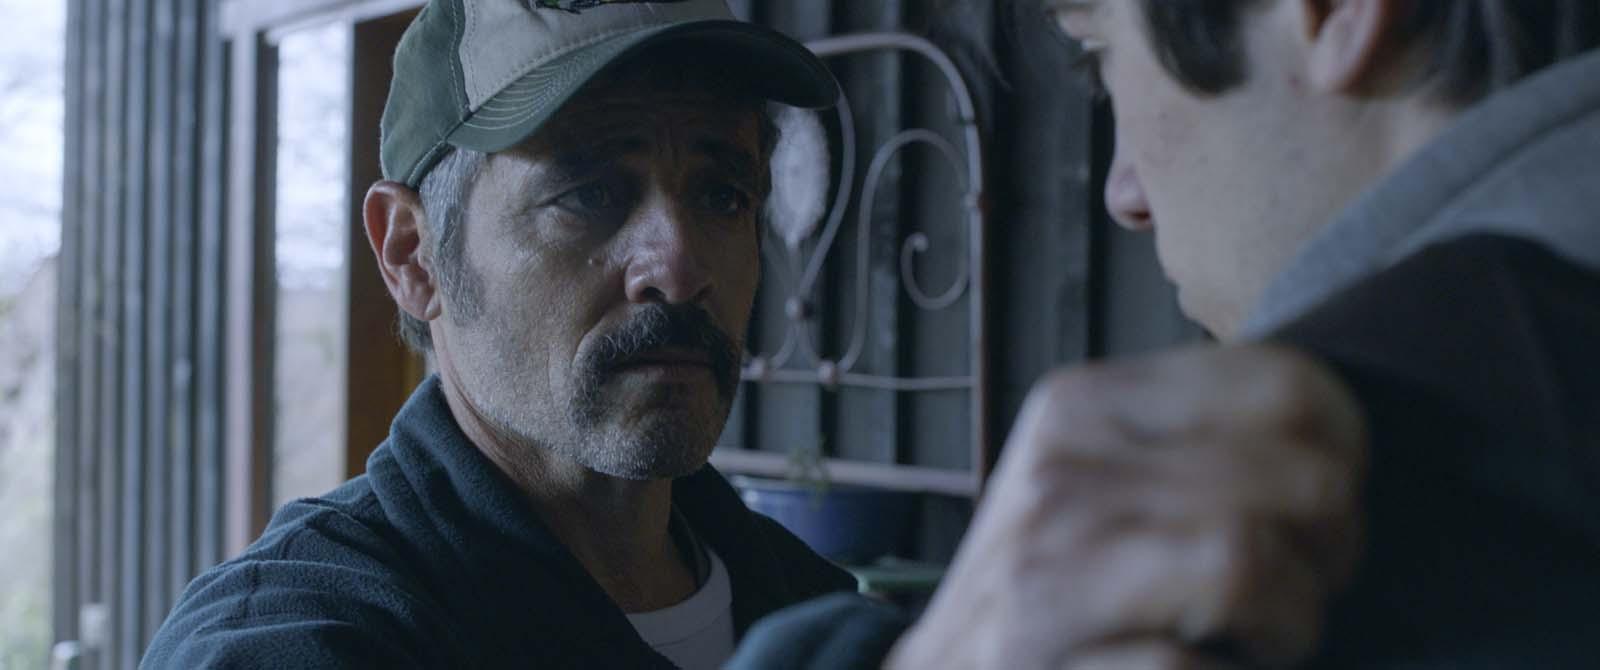 Nahuel (Temporada de caza) dirigida por Natalia Garagiola